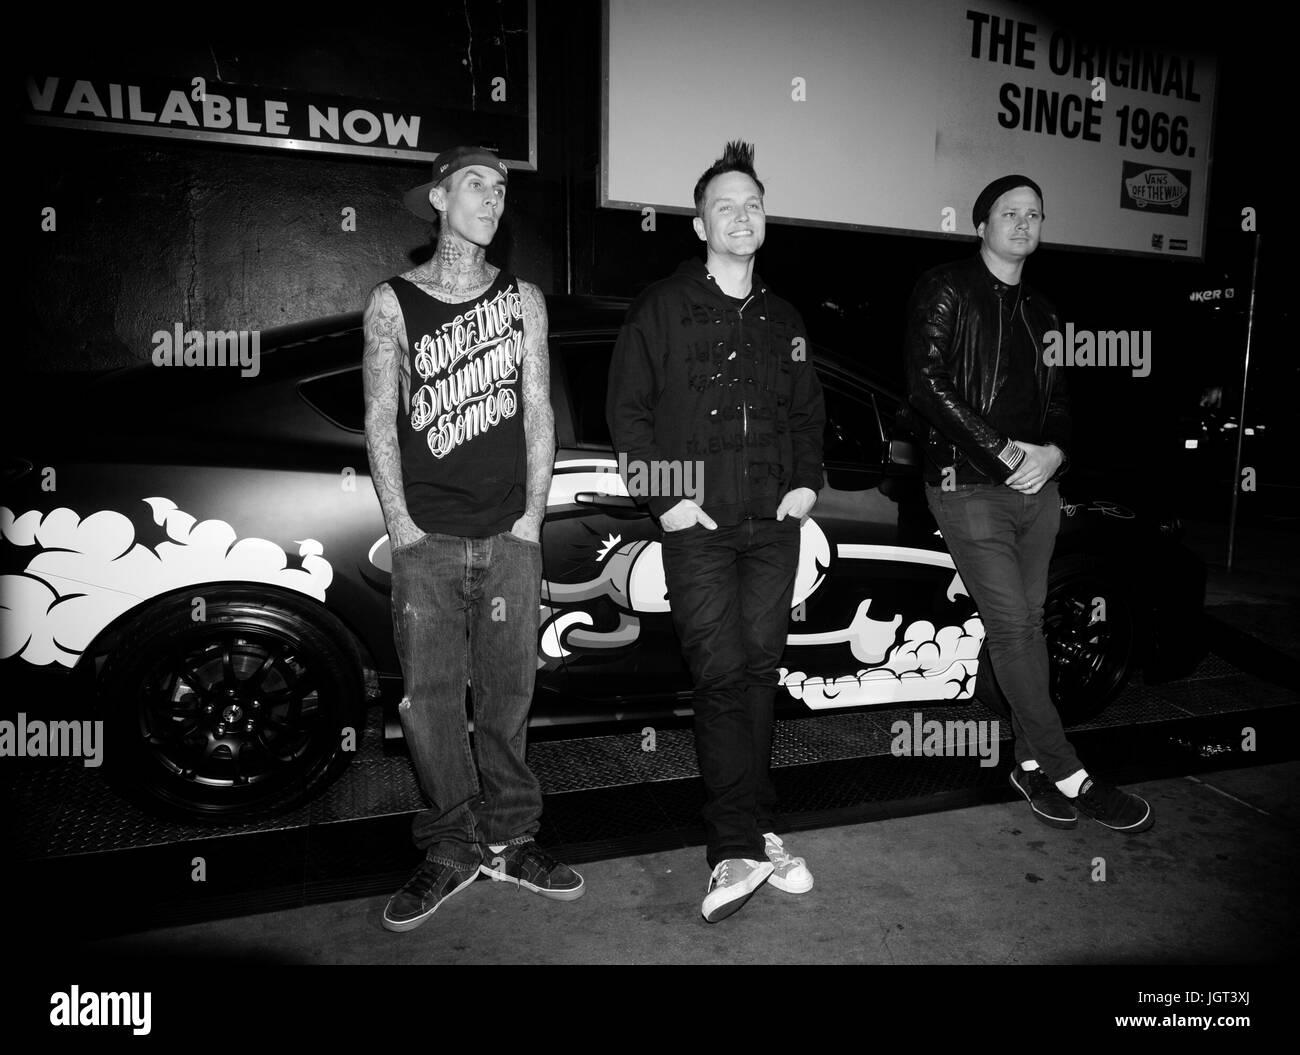 precios de remate promoción nuevo diseño L-R) Musicians Travis Barker,Tom DeLonge Mark Hoppus blink-182 ...